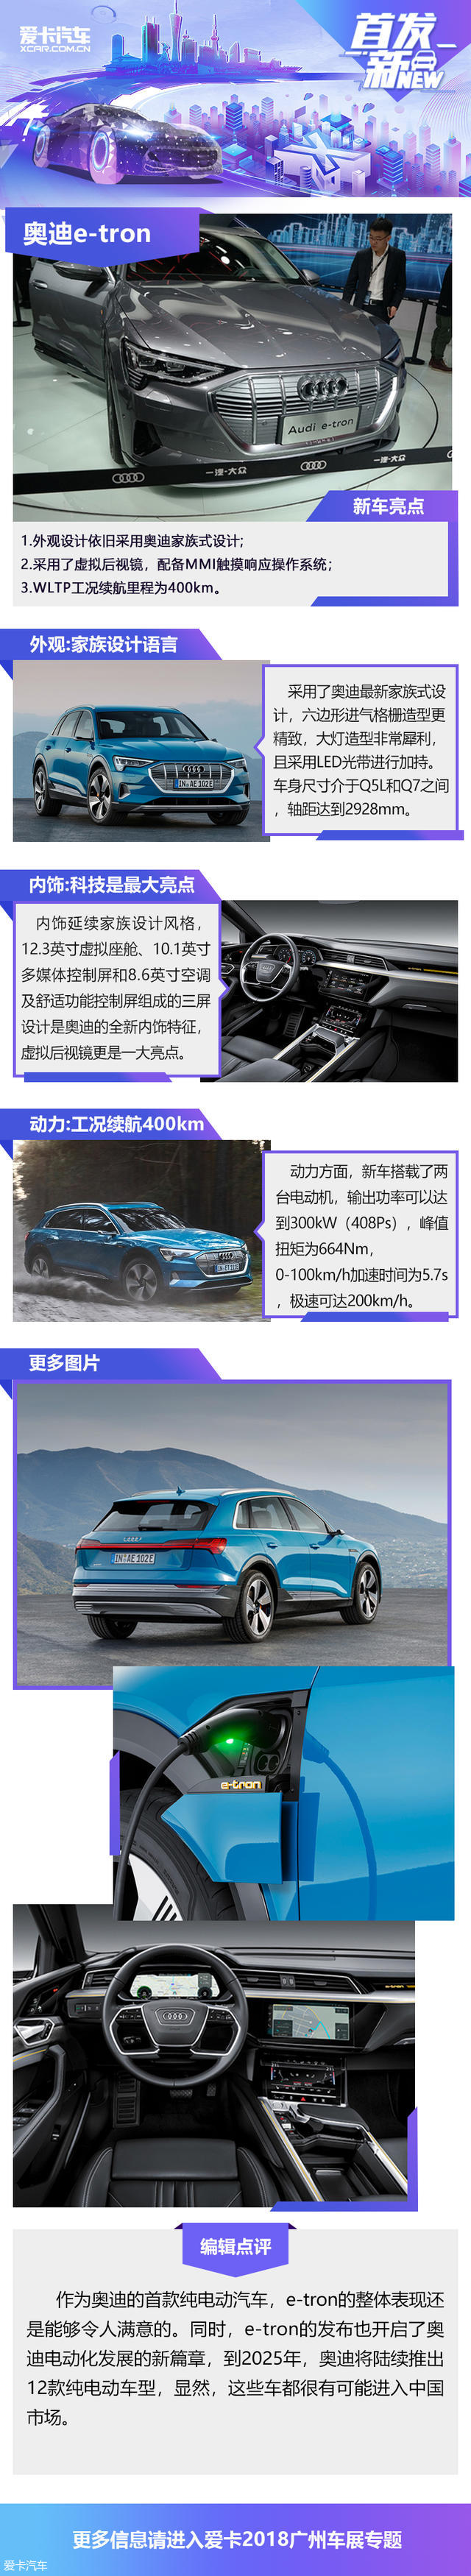 特斯拉Model X对手 奥迪e-tron国内首发